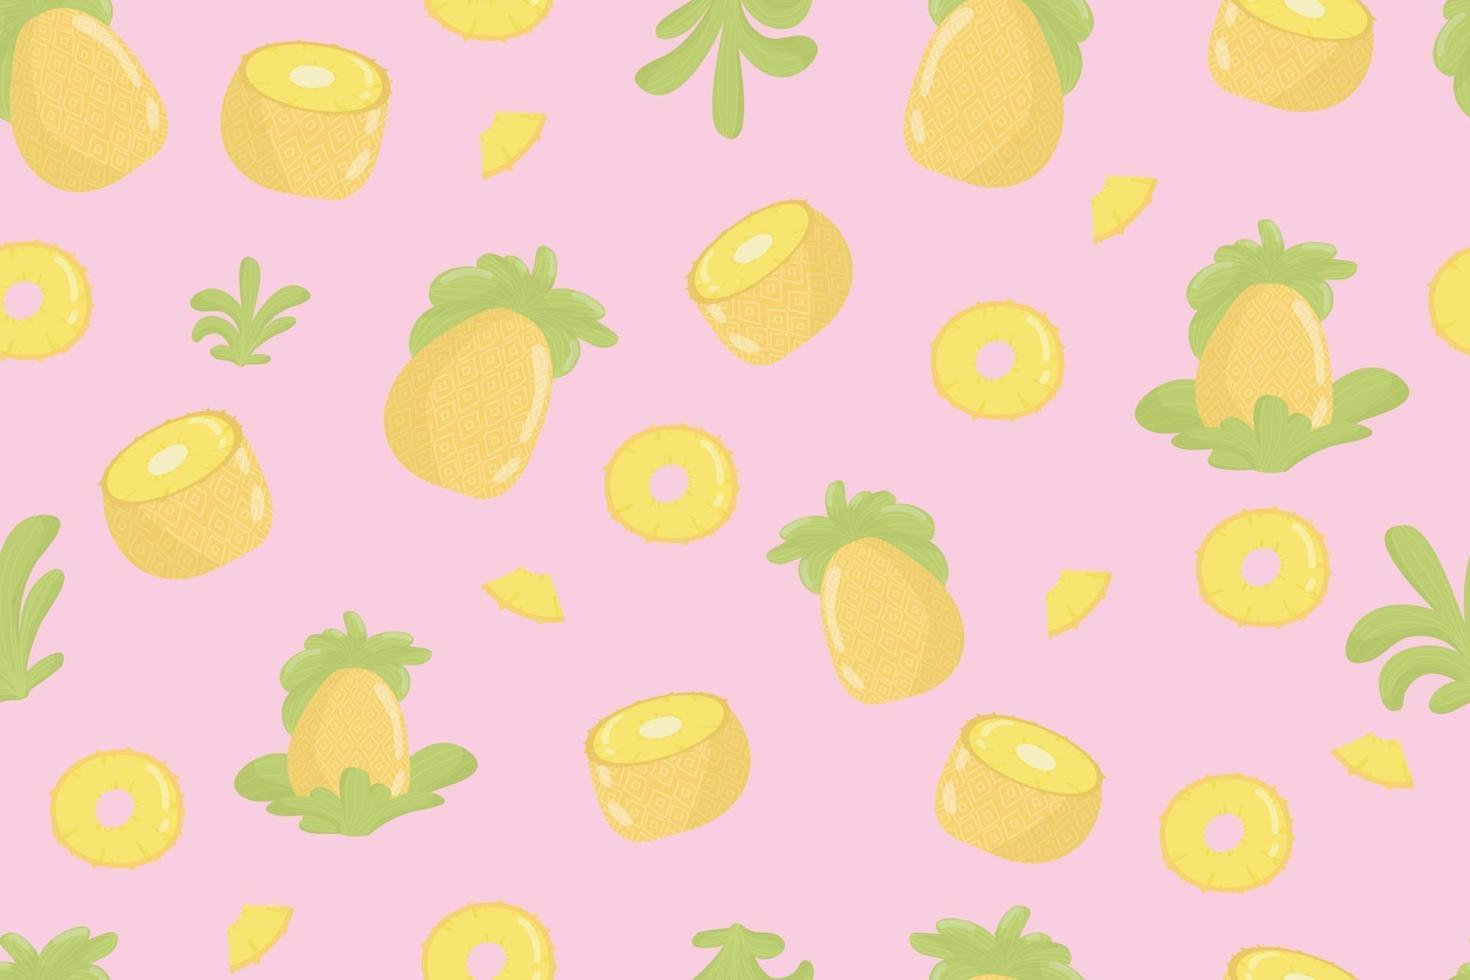 ananas frukt färska sömlösa mönster. ananas och blad på gula sömlösa mönster. modern tropisk exotisk fruktdesign för omslagspapper, textil, banner, webb, app. ljusa saftiga gula ananasfrukter och mjuka gröna blad vektor